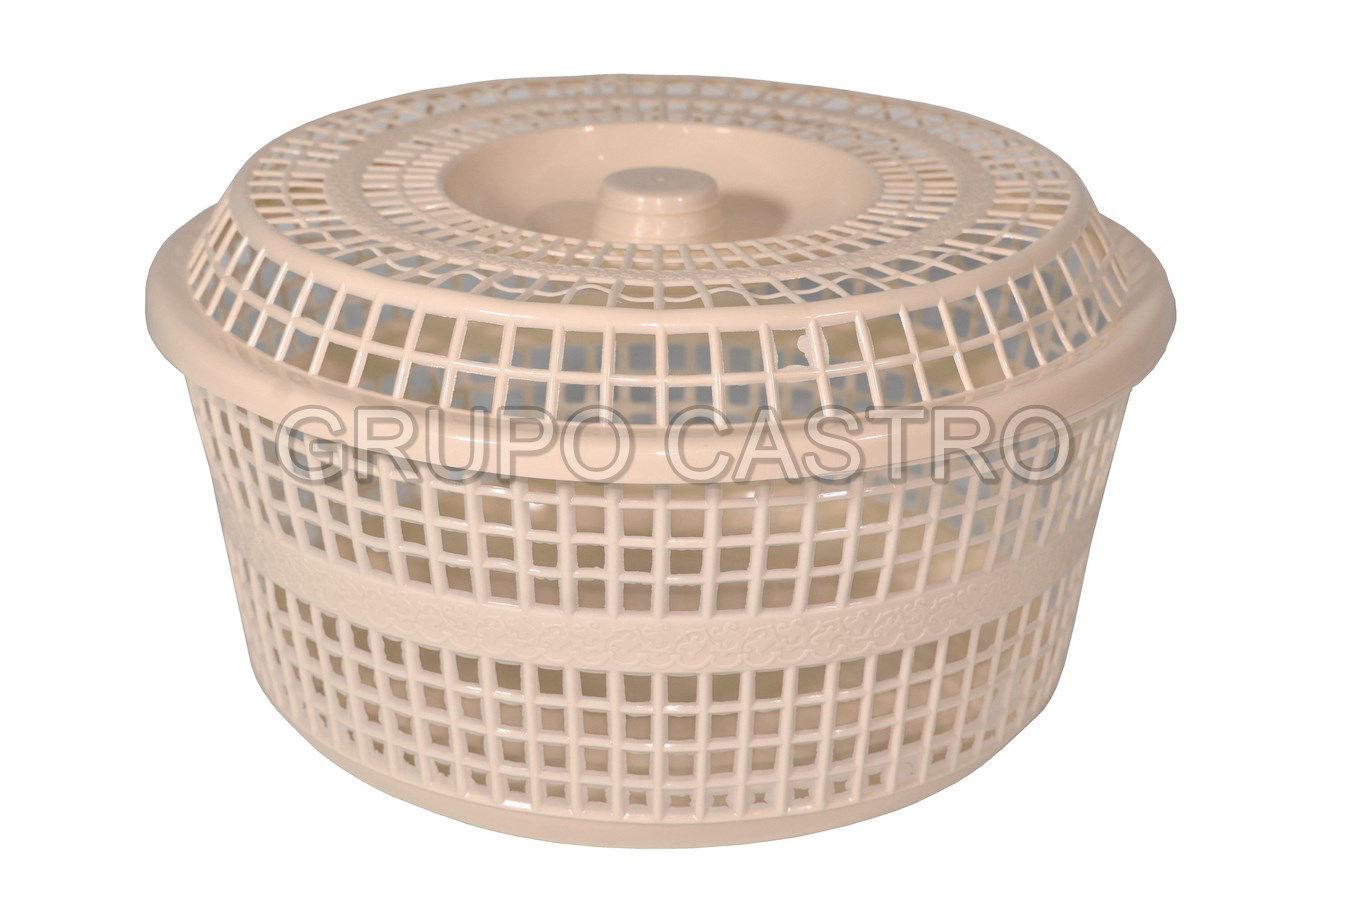 Foto de Recipiente Tortillera #2 1061 Megaplast c/tapa 3.8lt 24x14cms